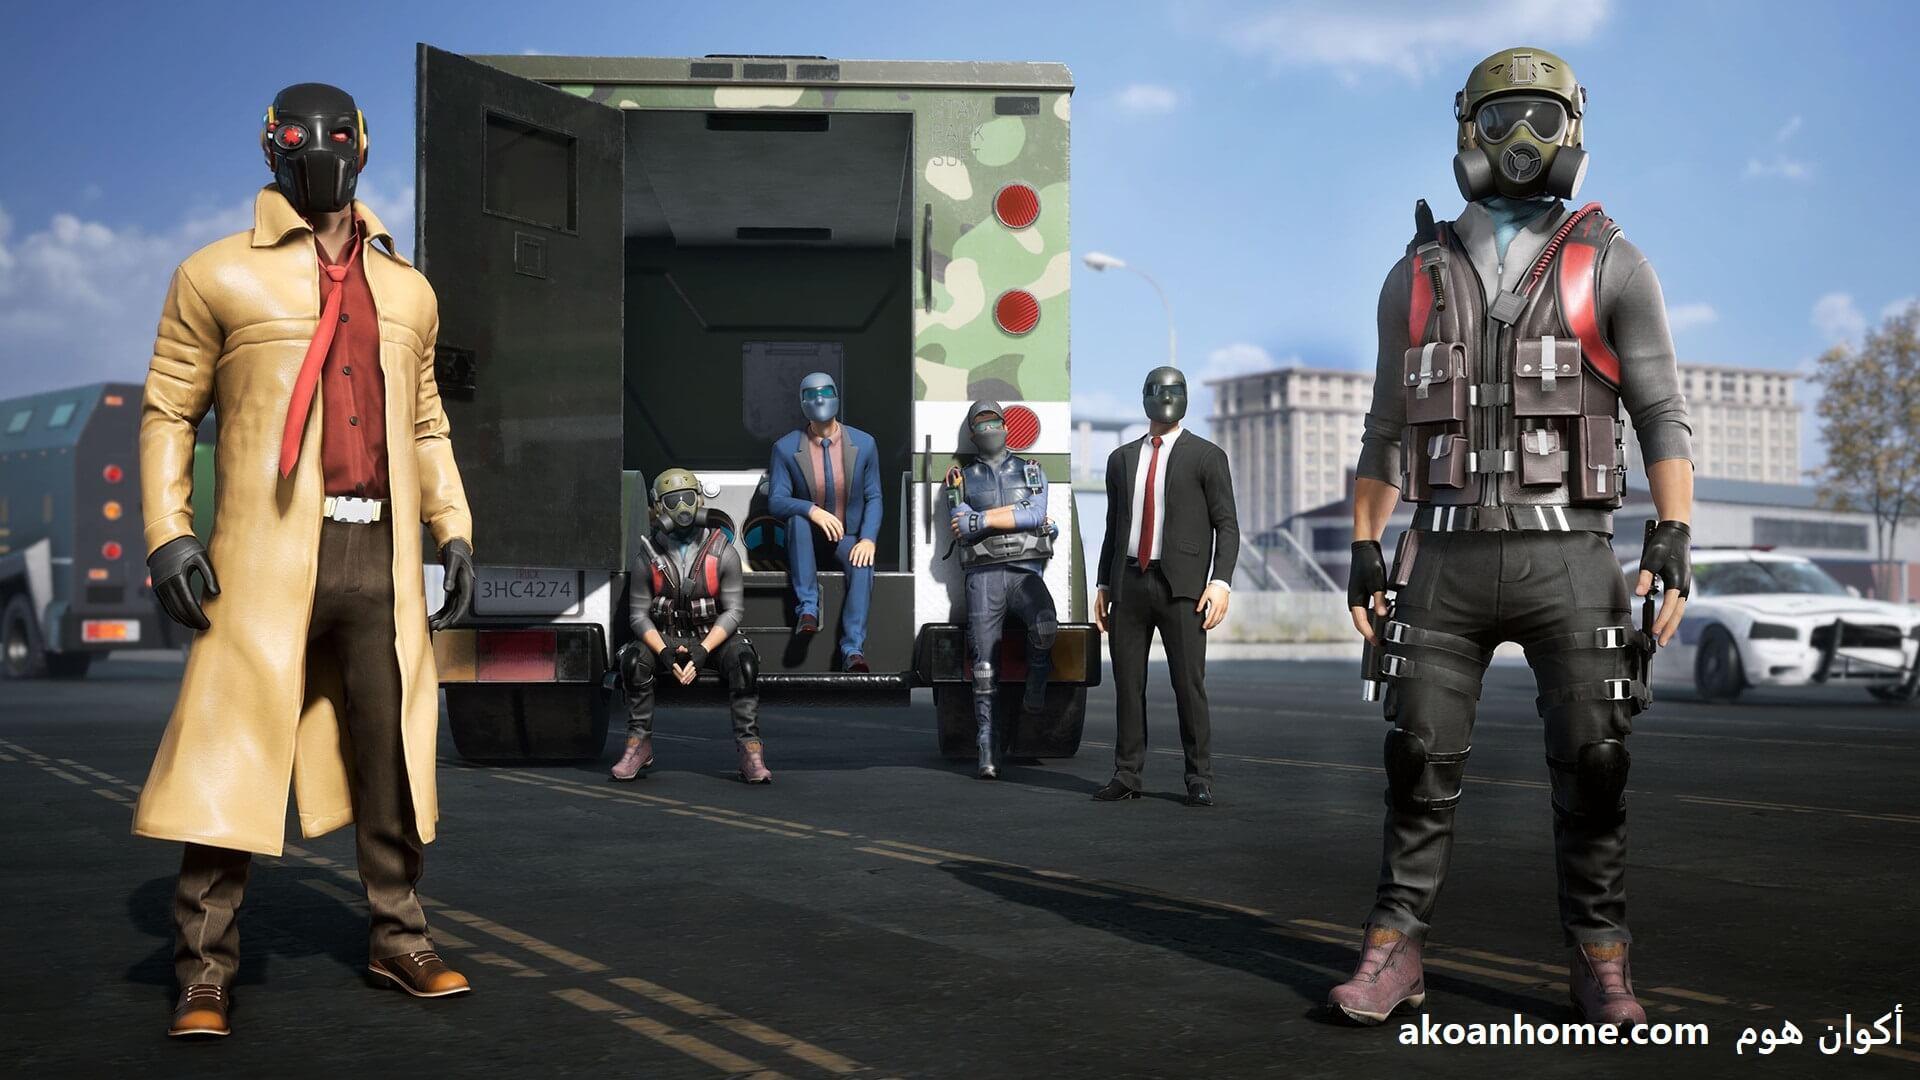 تحميل لعبة Rogue Heist  للكمبيوتر مجانا برابط مباشر 2020  من ميديا فاير